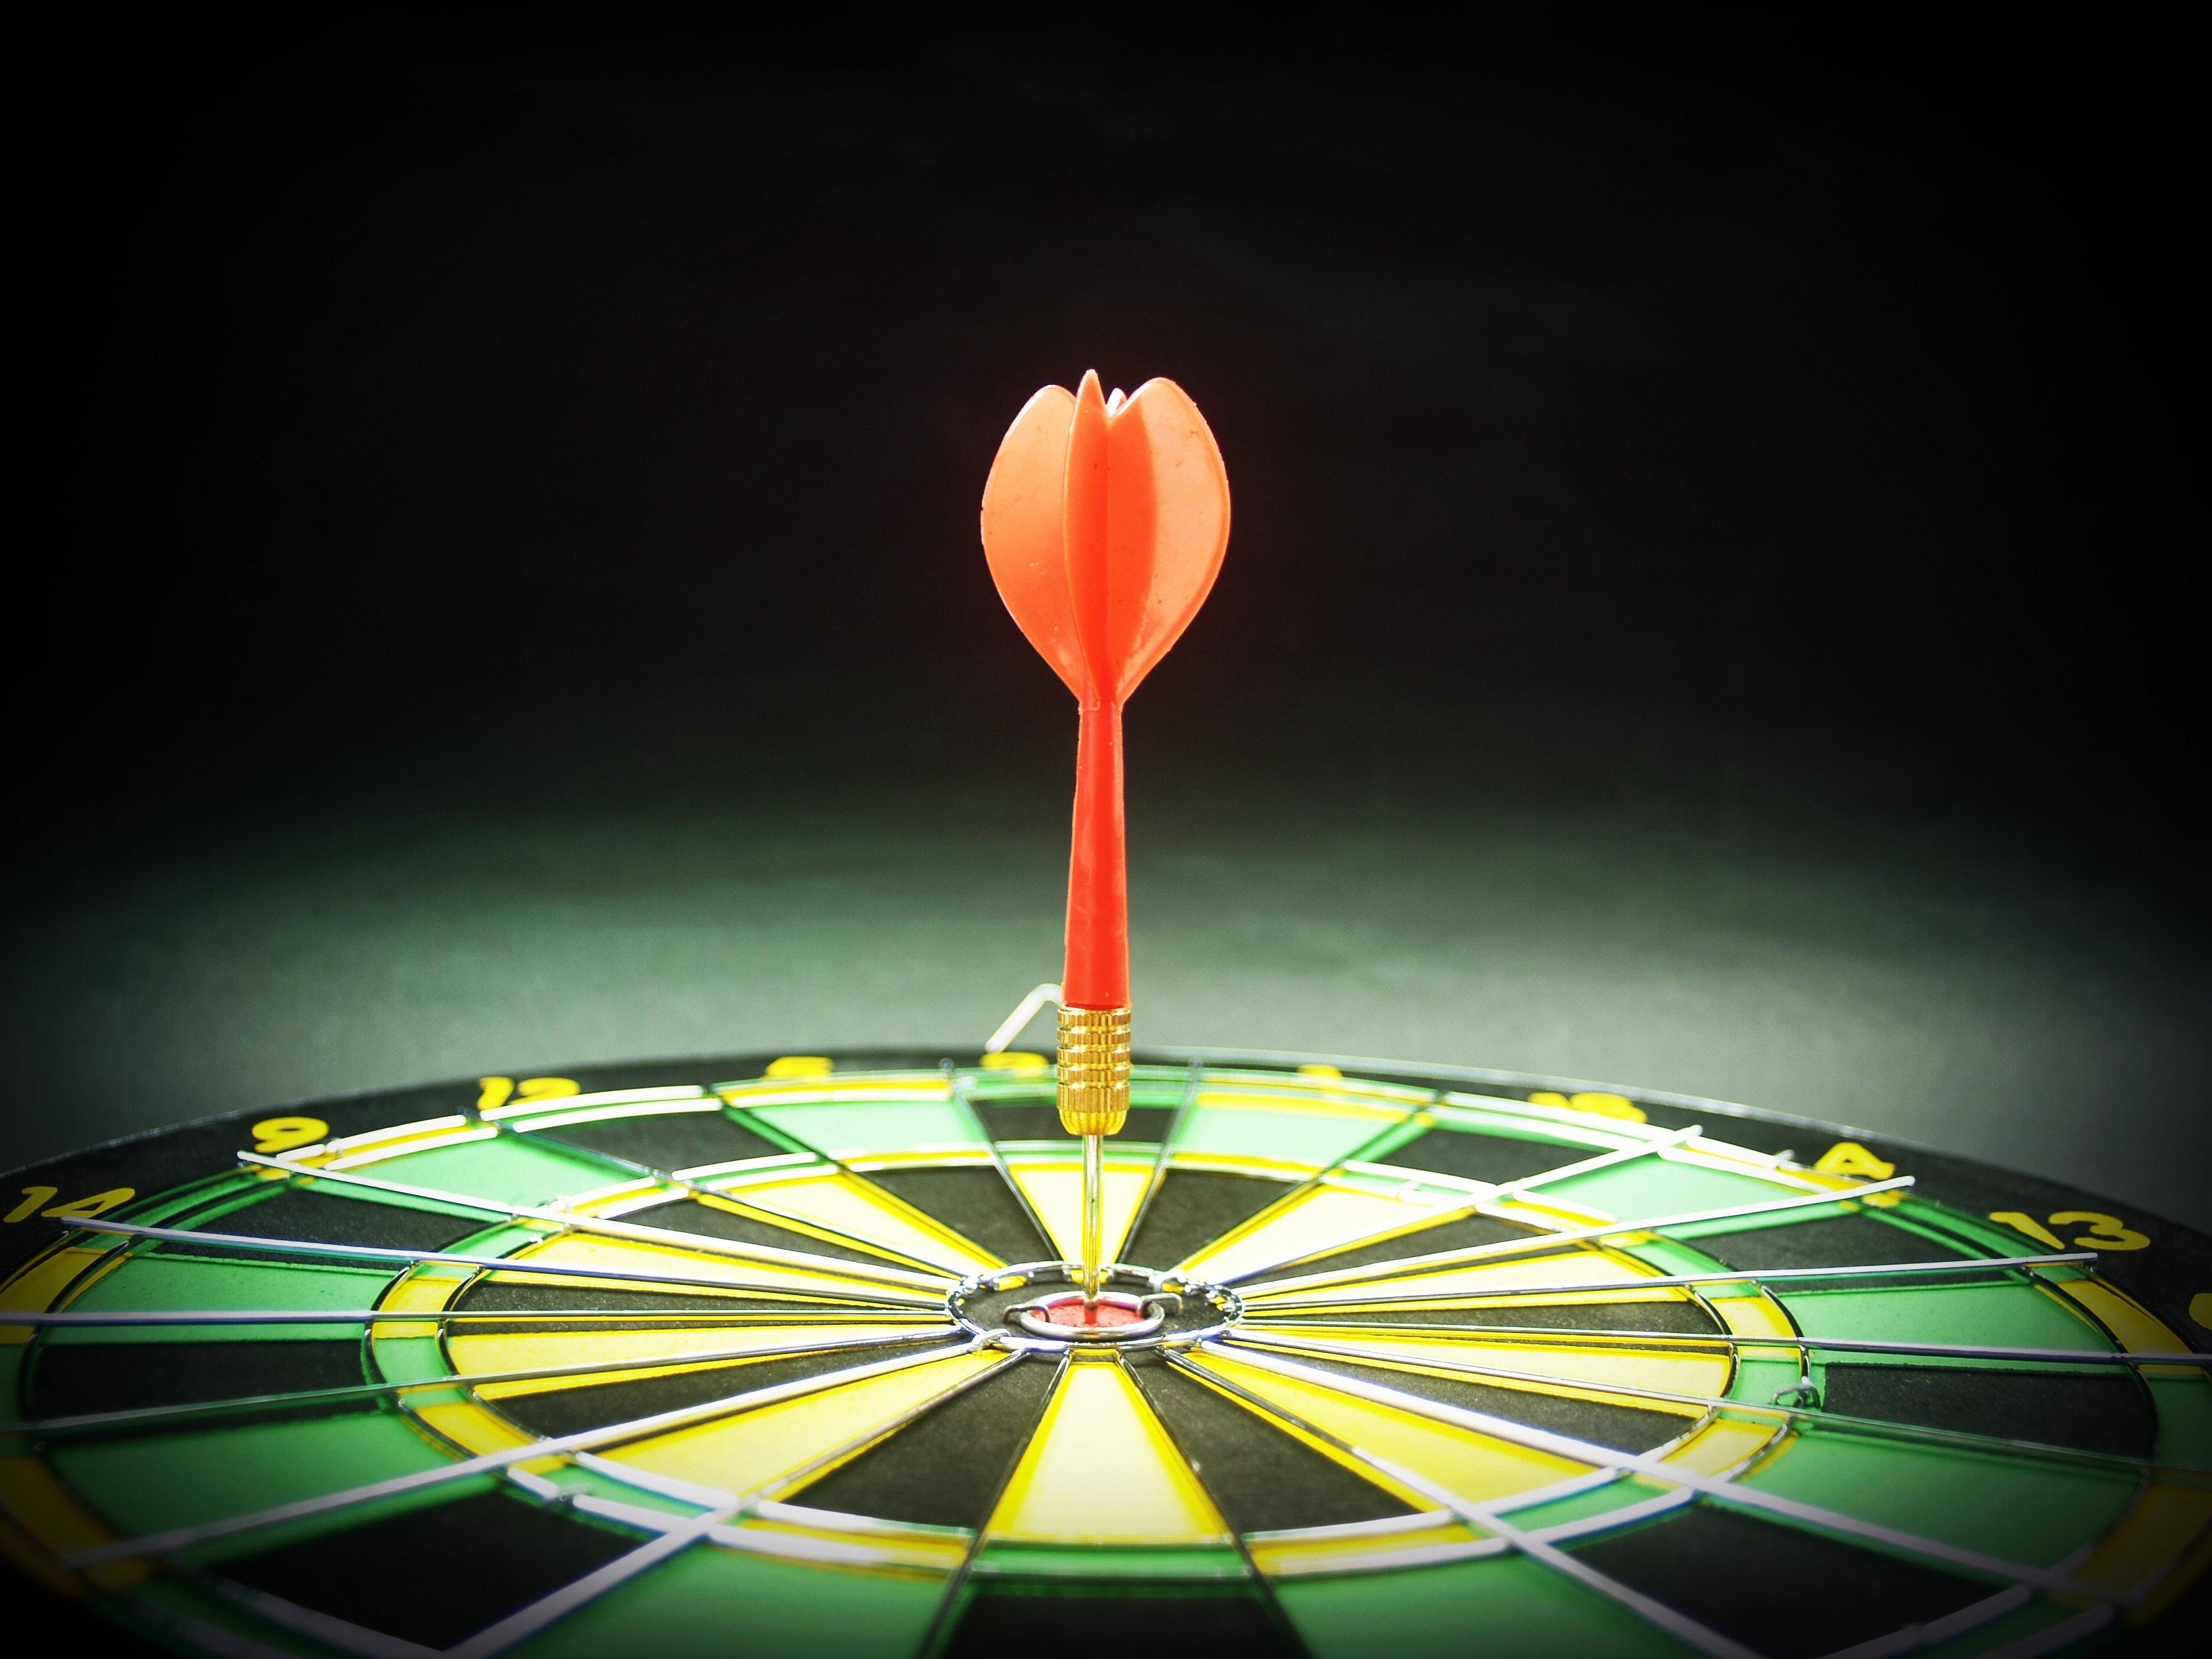 arrow-blur-board-226568